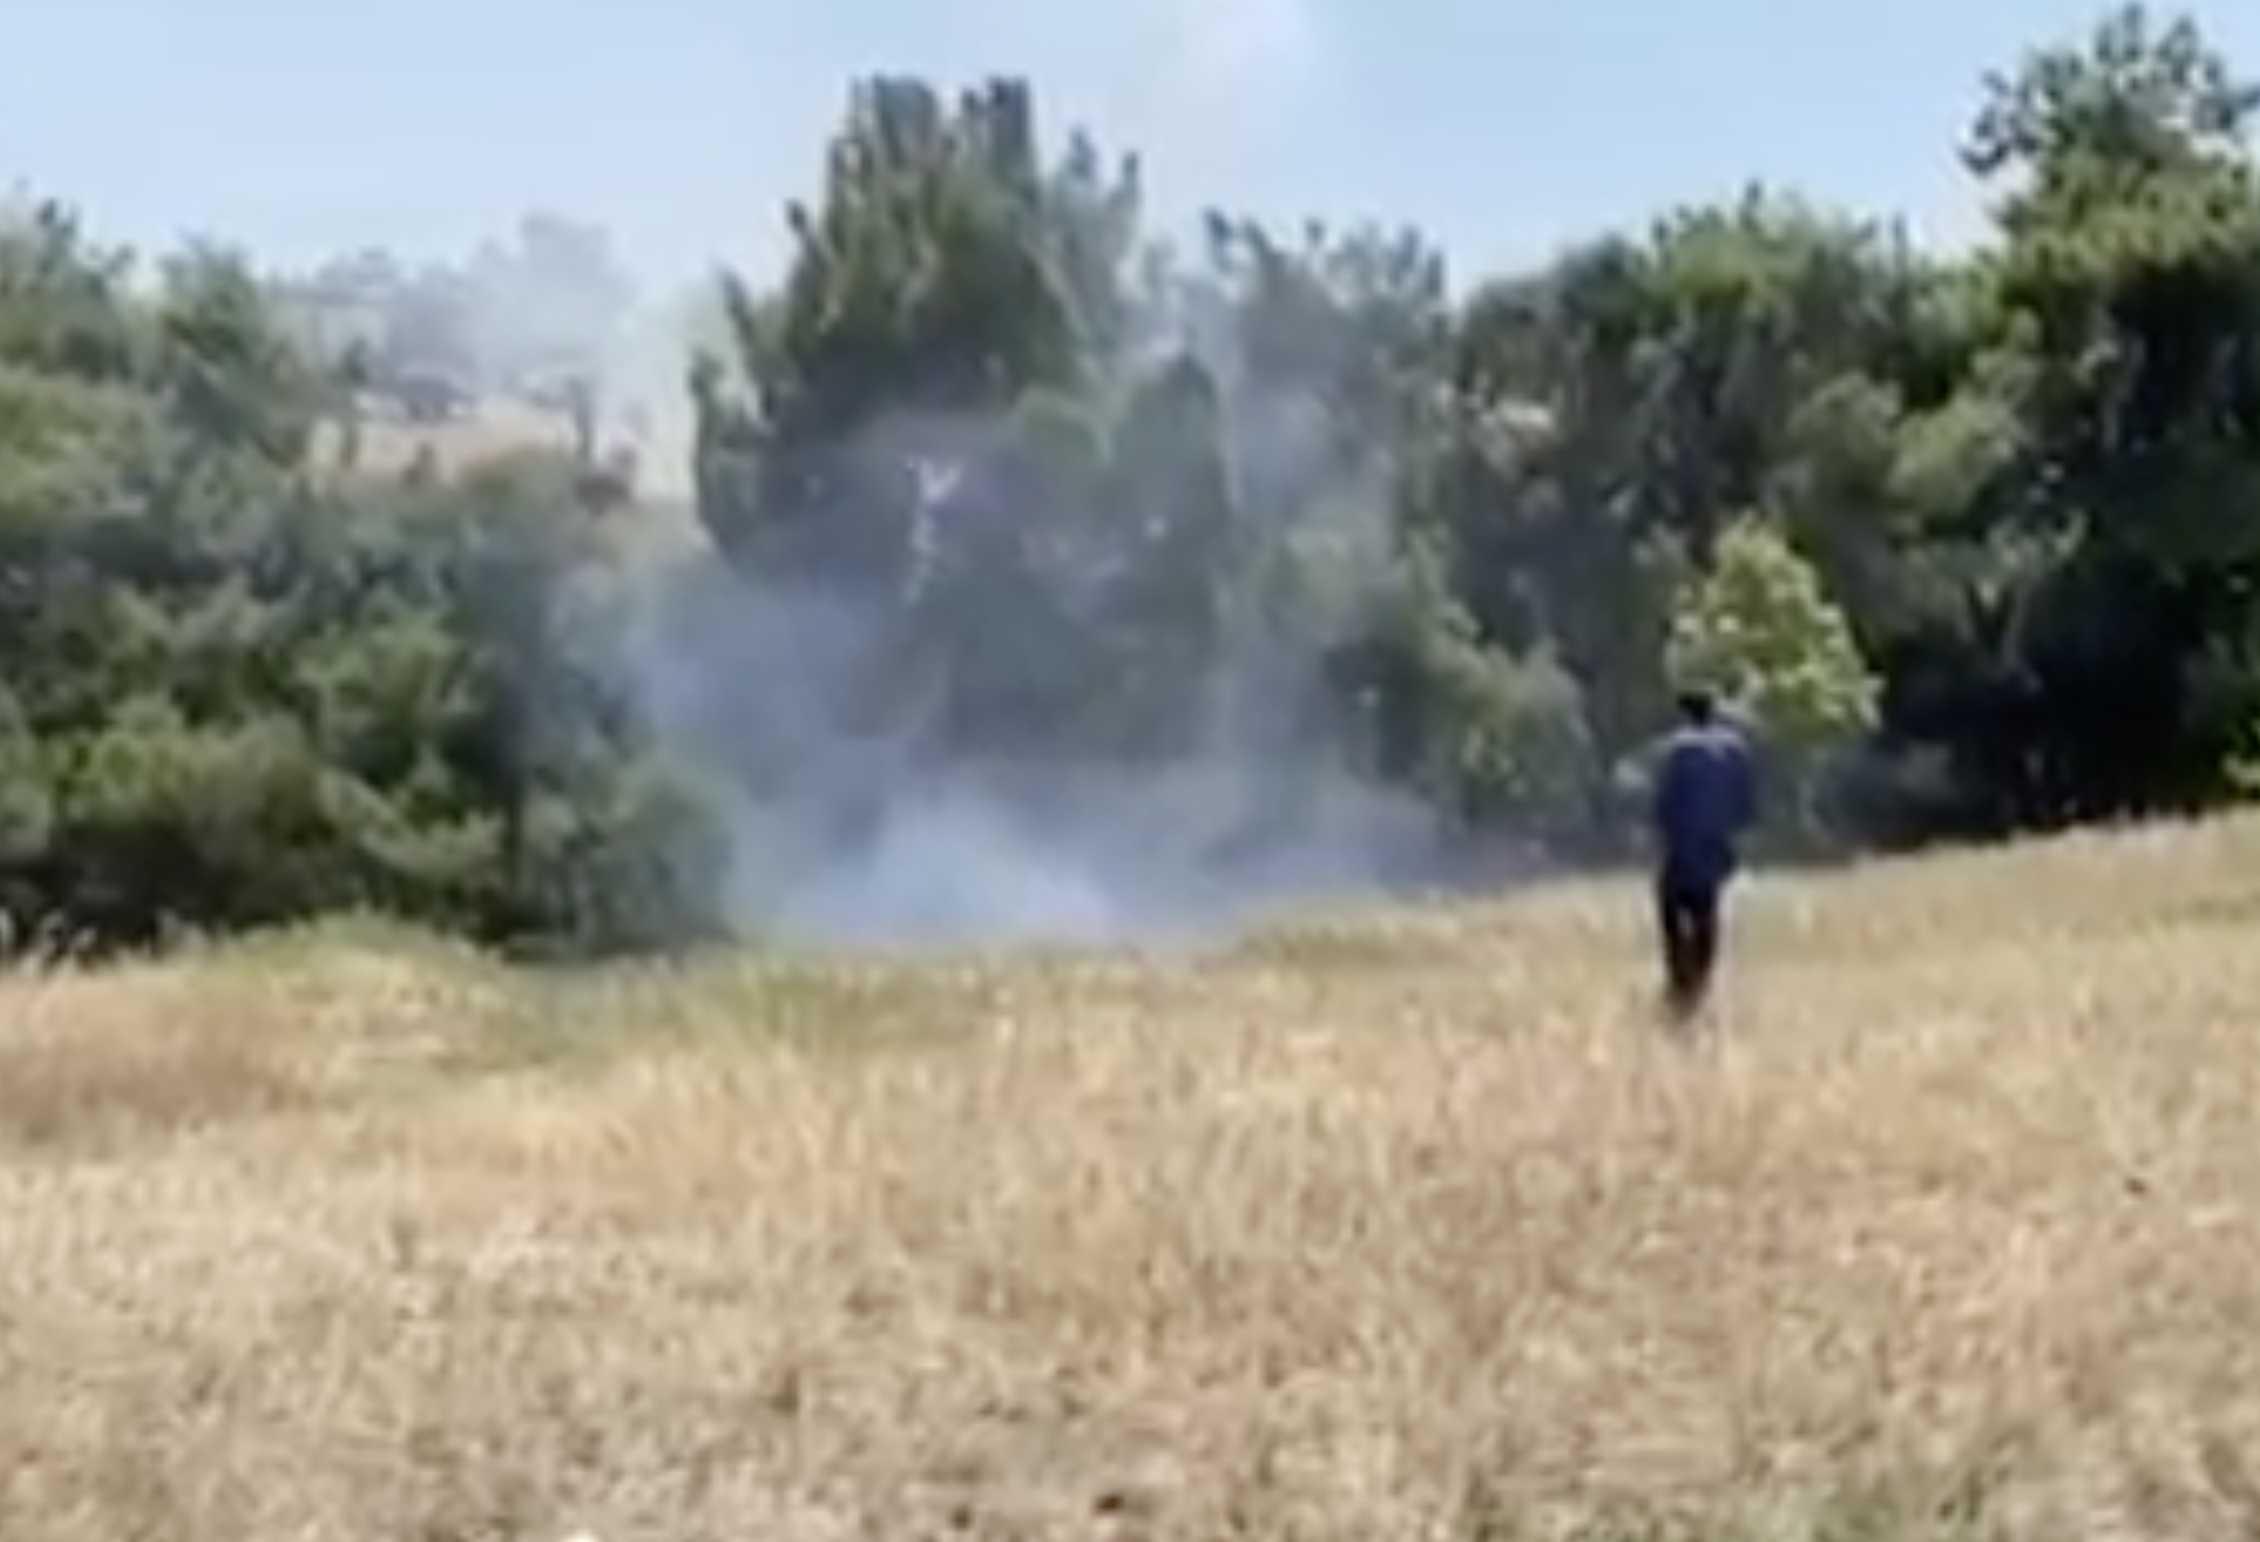 Απόπειρα εμπρησμού στο στρατόπεδο Κόρδα καταγγέλλει ο Δήμαρχος Καλαμαριάς